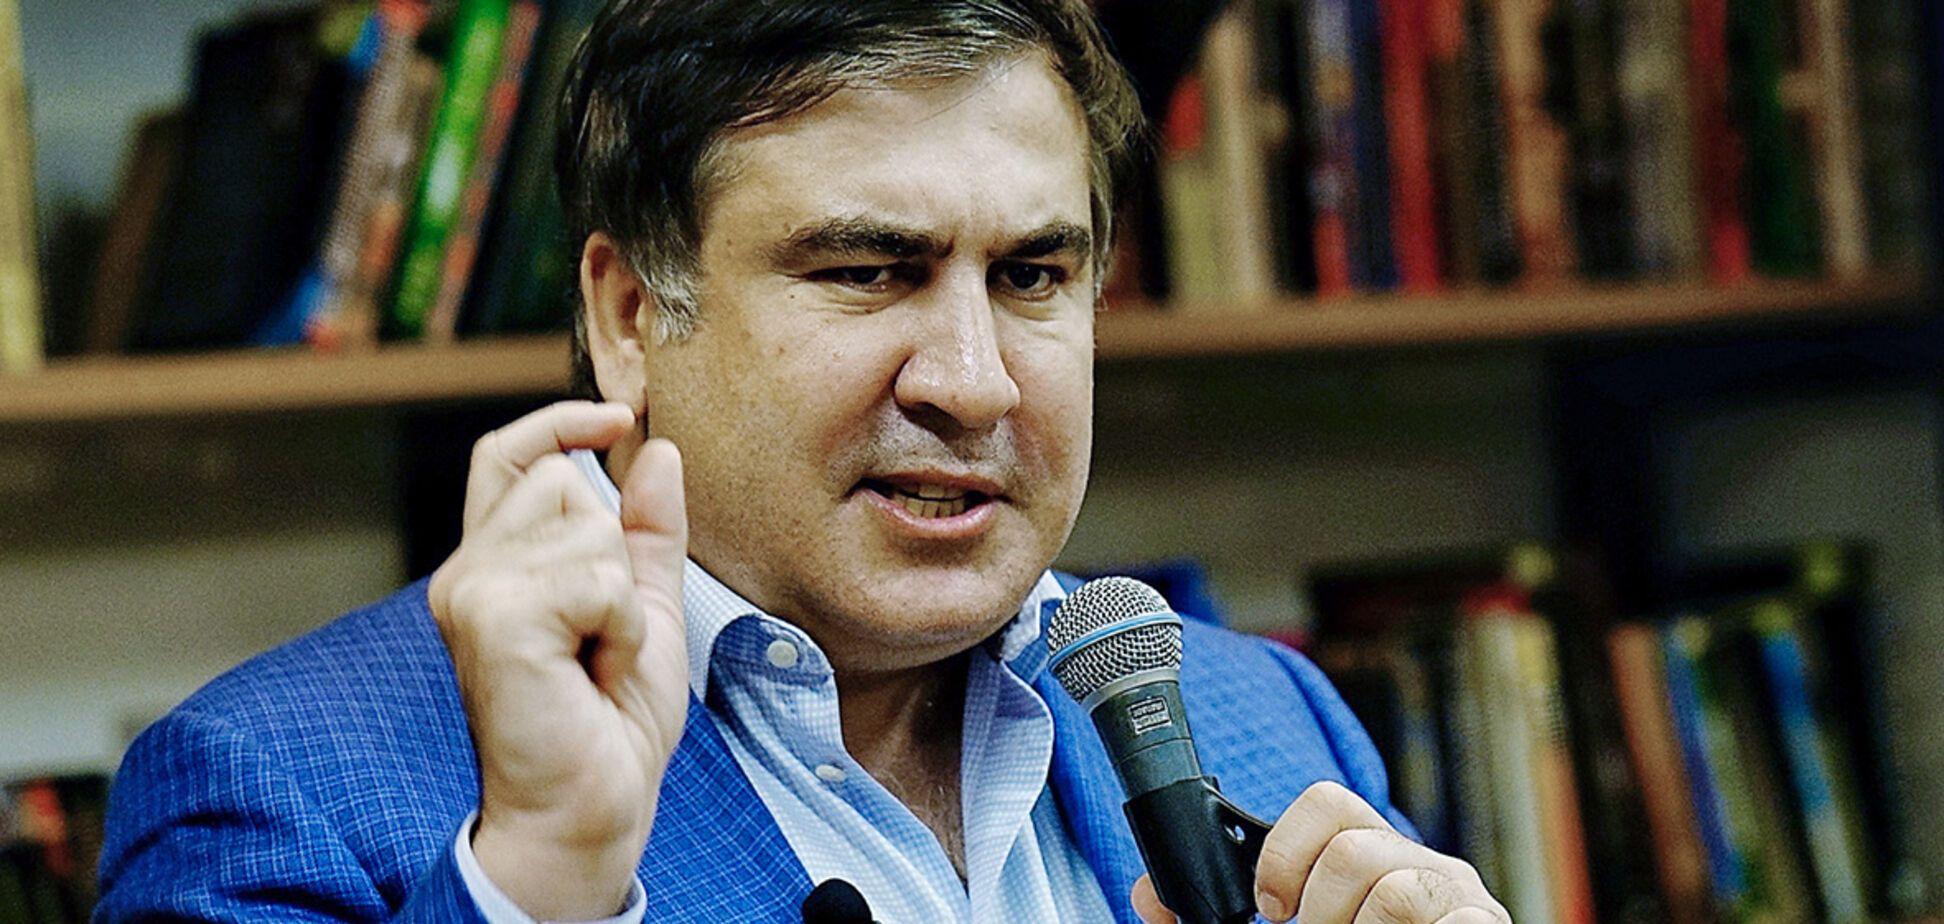 Курченко передал Саакашвили $500 тысяч для реванша кремлевских сил - Луценко